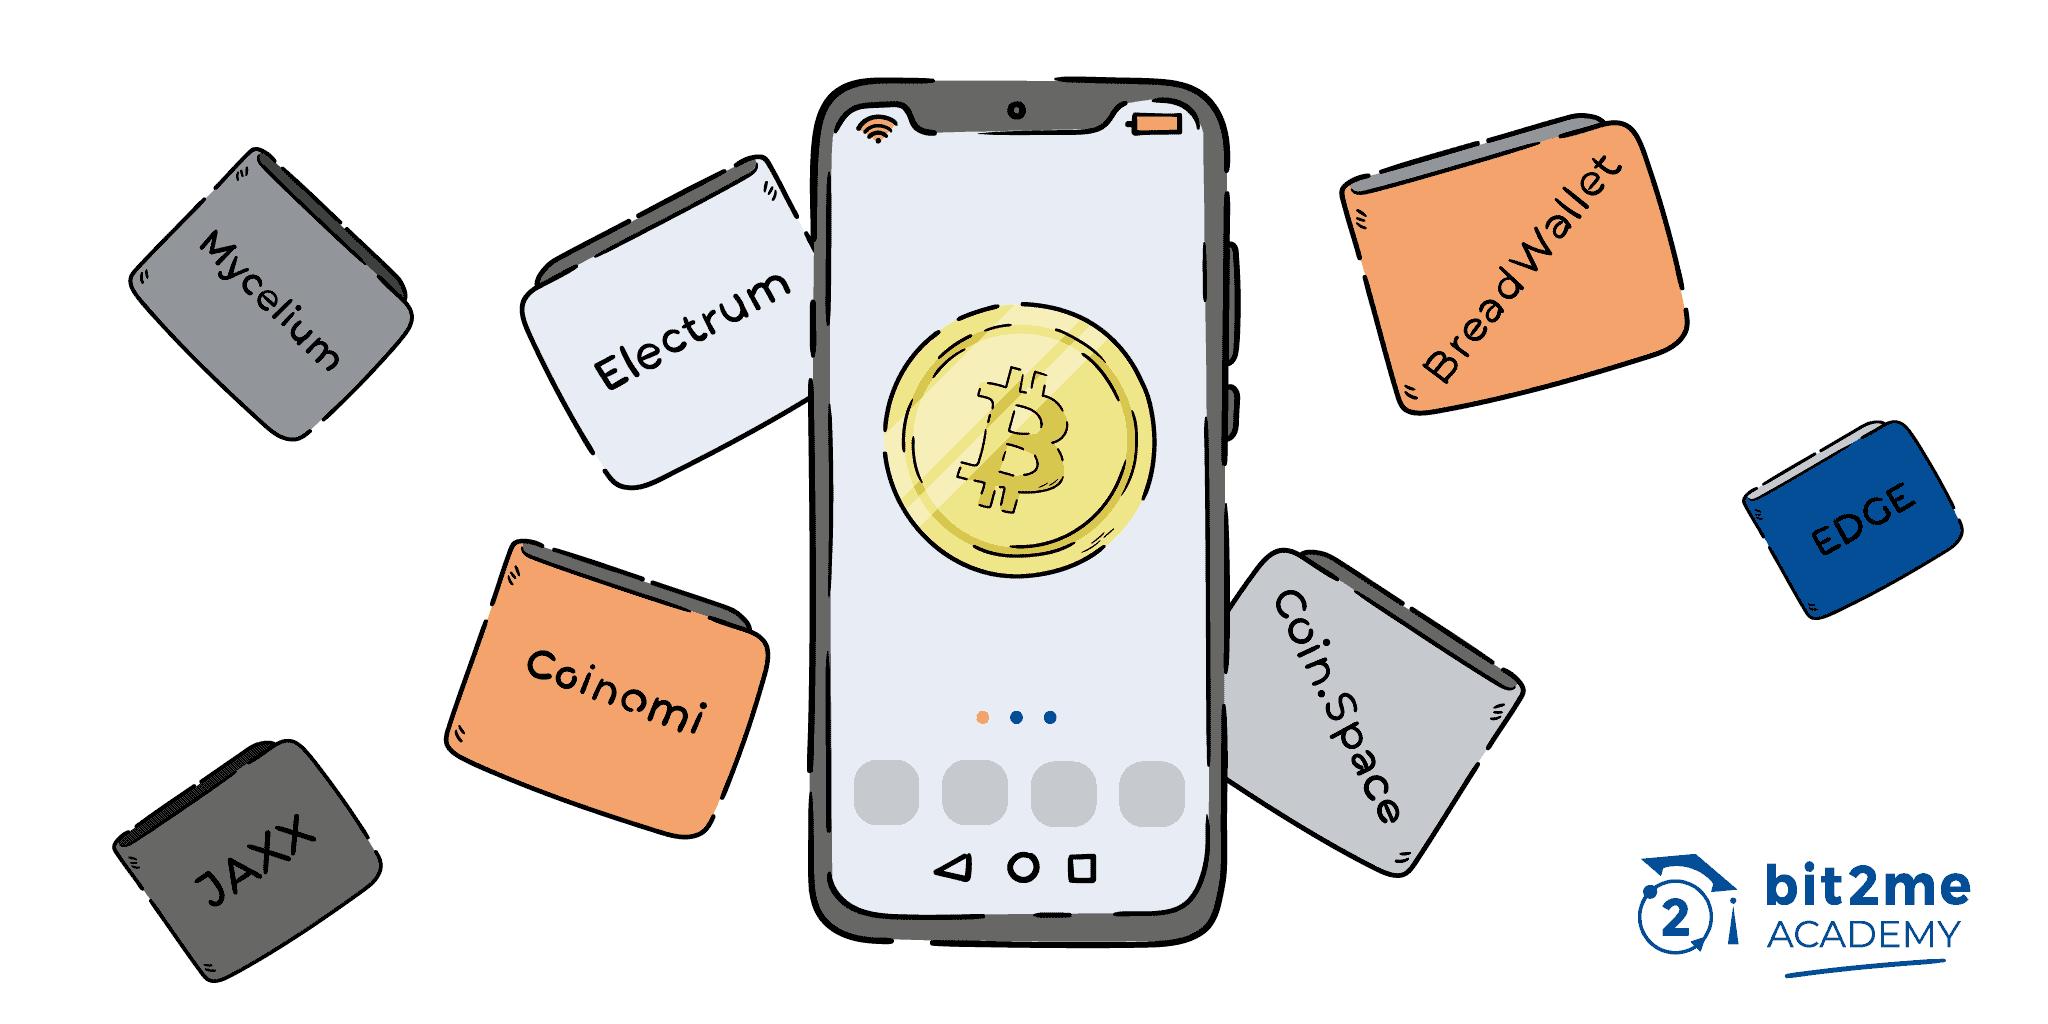 Wallet Criptovalute e Bitcoin: quale Portafoglio per Criptovalute scegliere ?